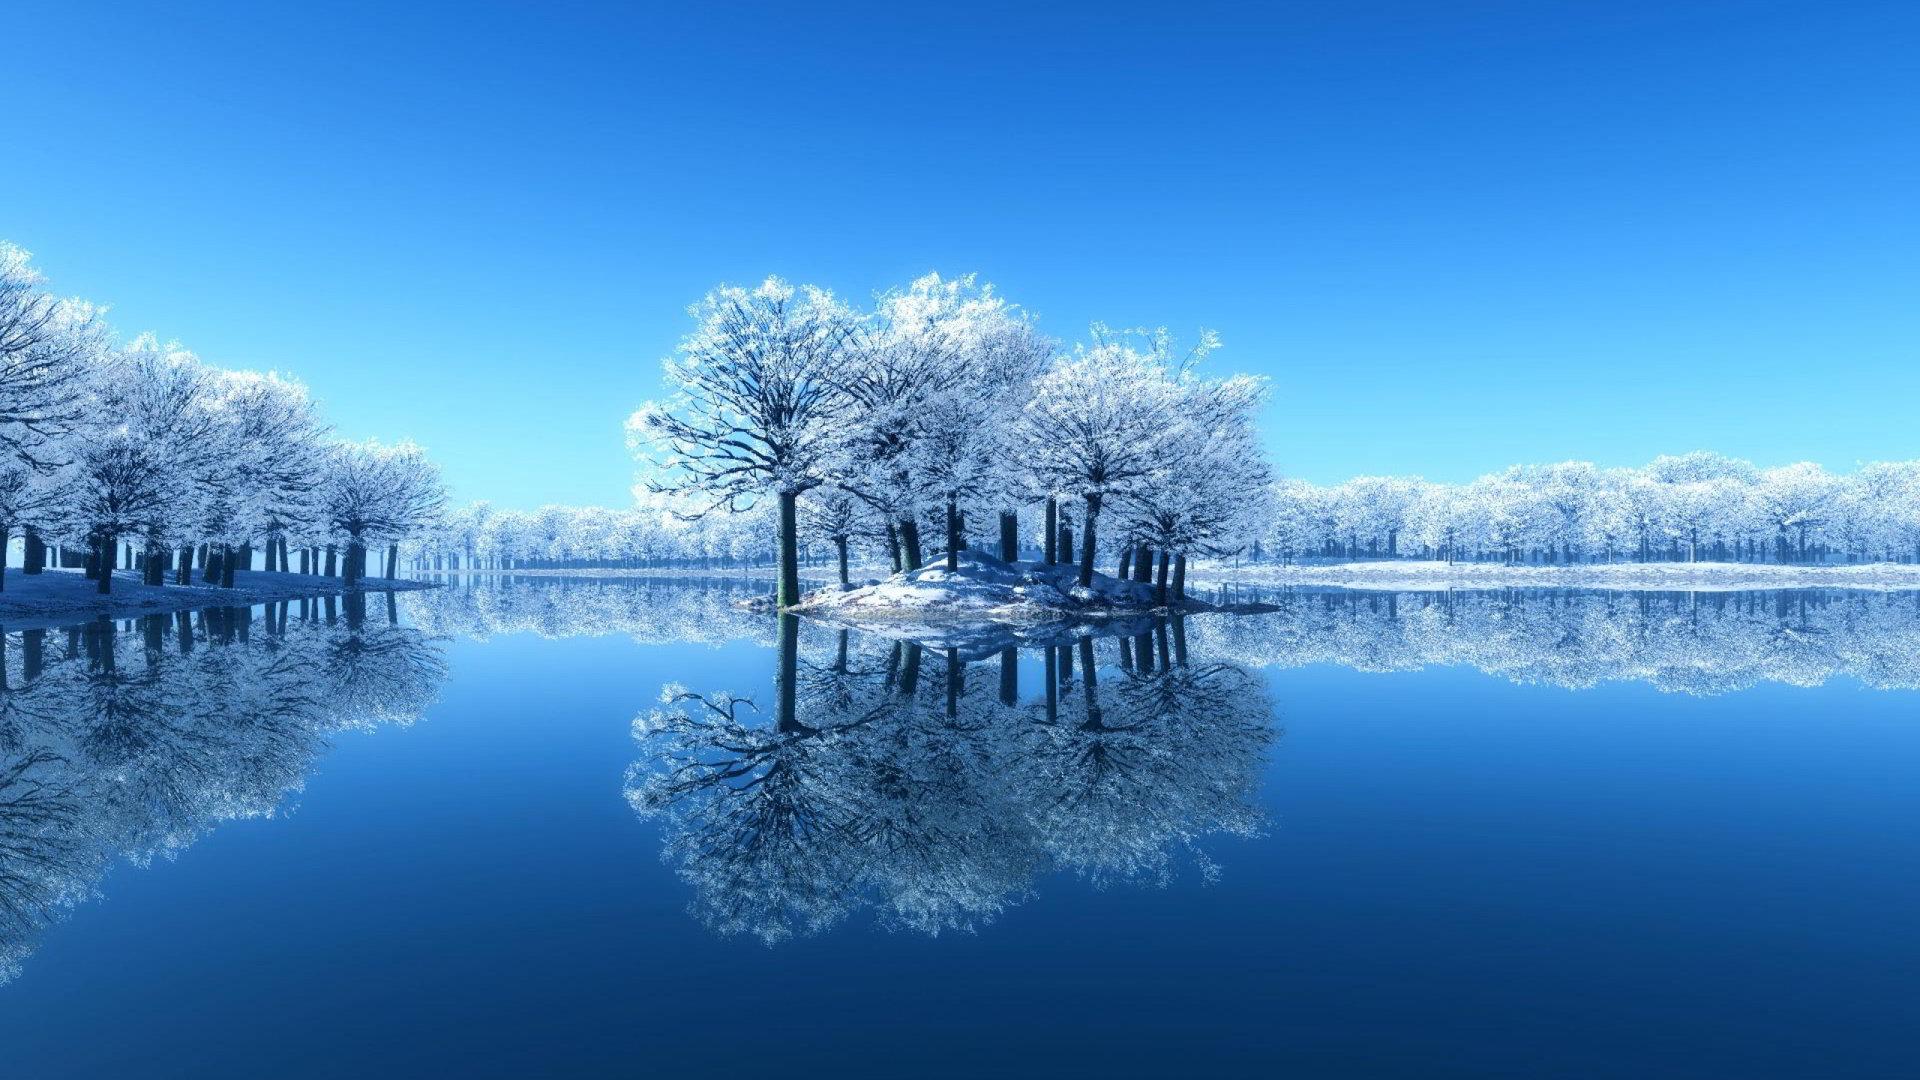 Mùa đông thường là mùa trong những câu chuyện tình yêu của đôi lứa. Những ngày mùa đông cô đơn lạnh giá mà có ai đó đột nhiên đến bên cạnh và ...